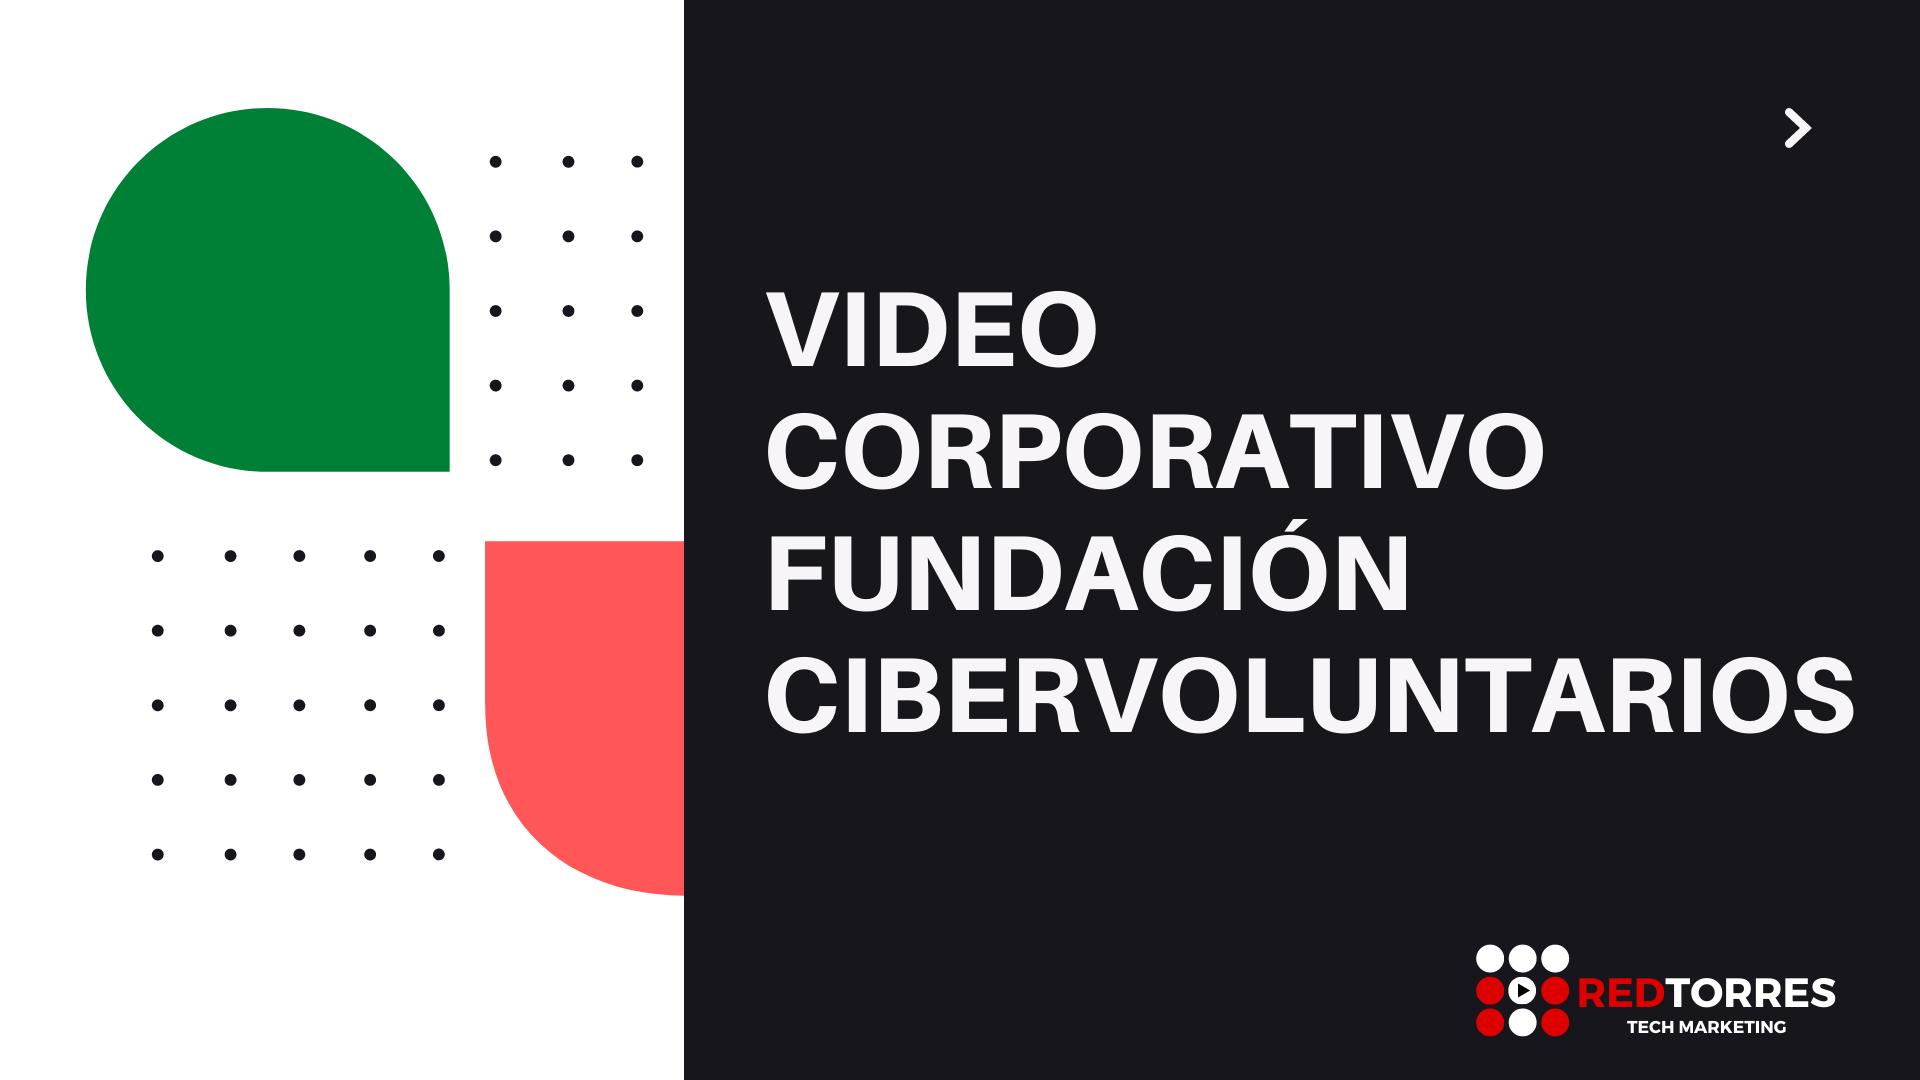 Guión, Locución y CoProducción video corporativo Cibervoluntarios | REDTORRES